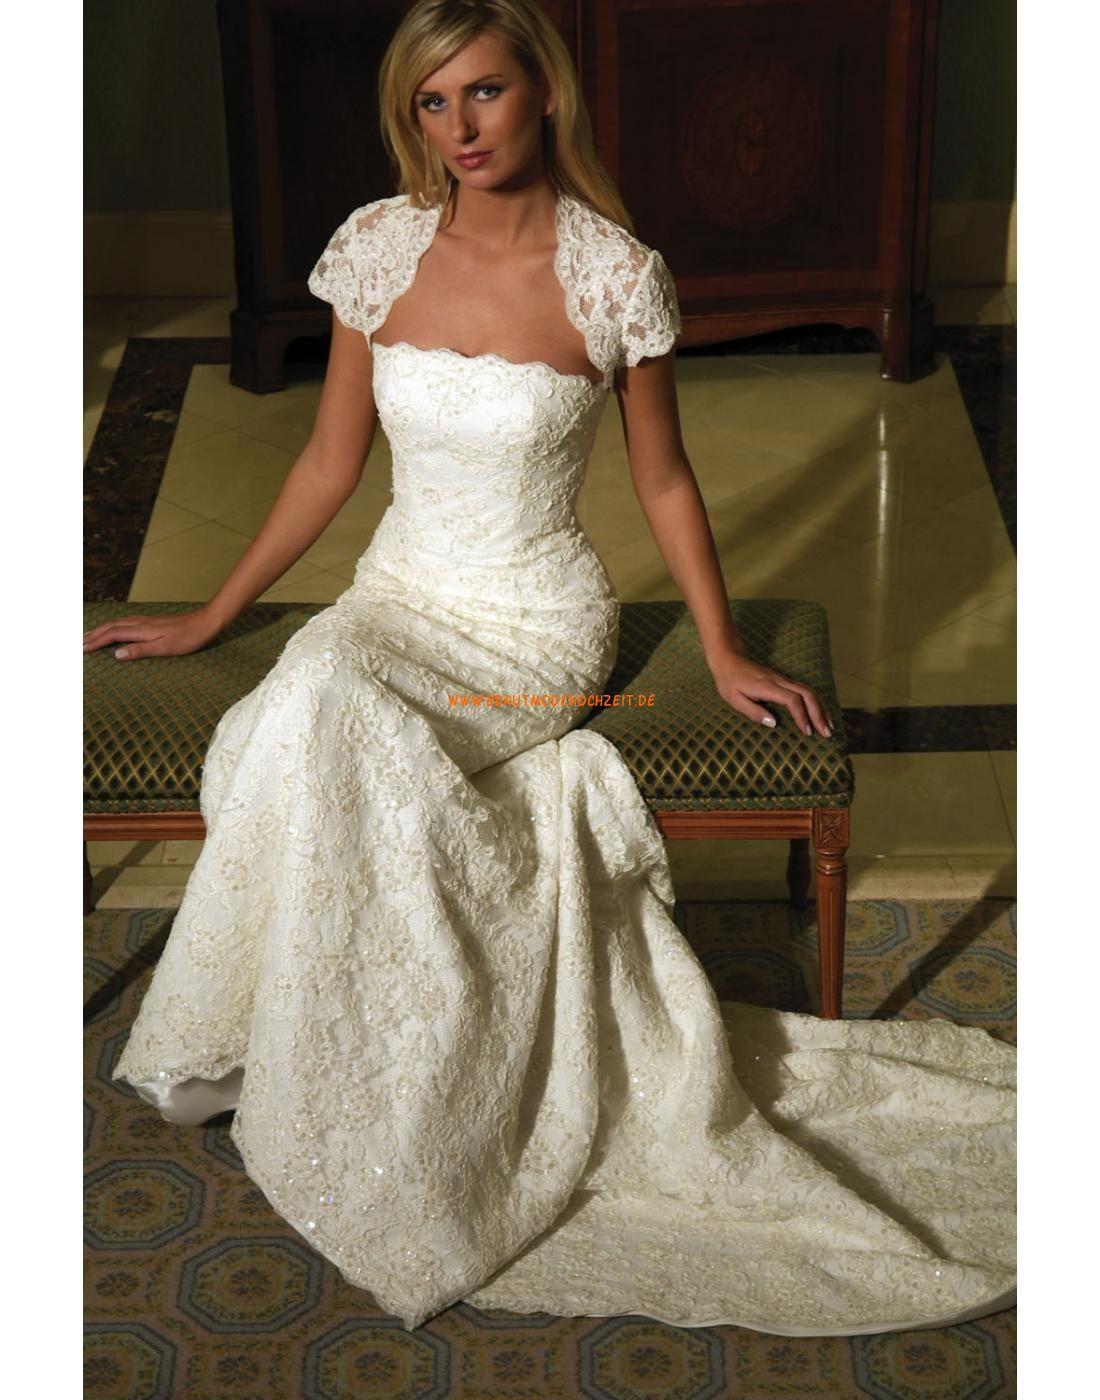 Romantische Ausgefallene Hochzeitskleider aus Spitze